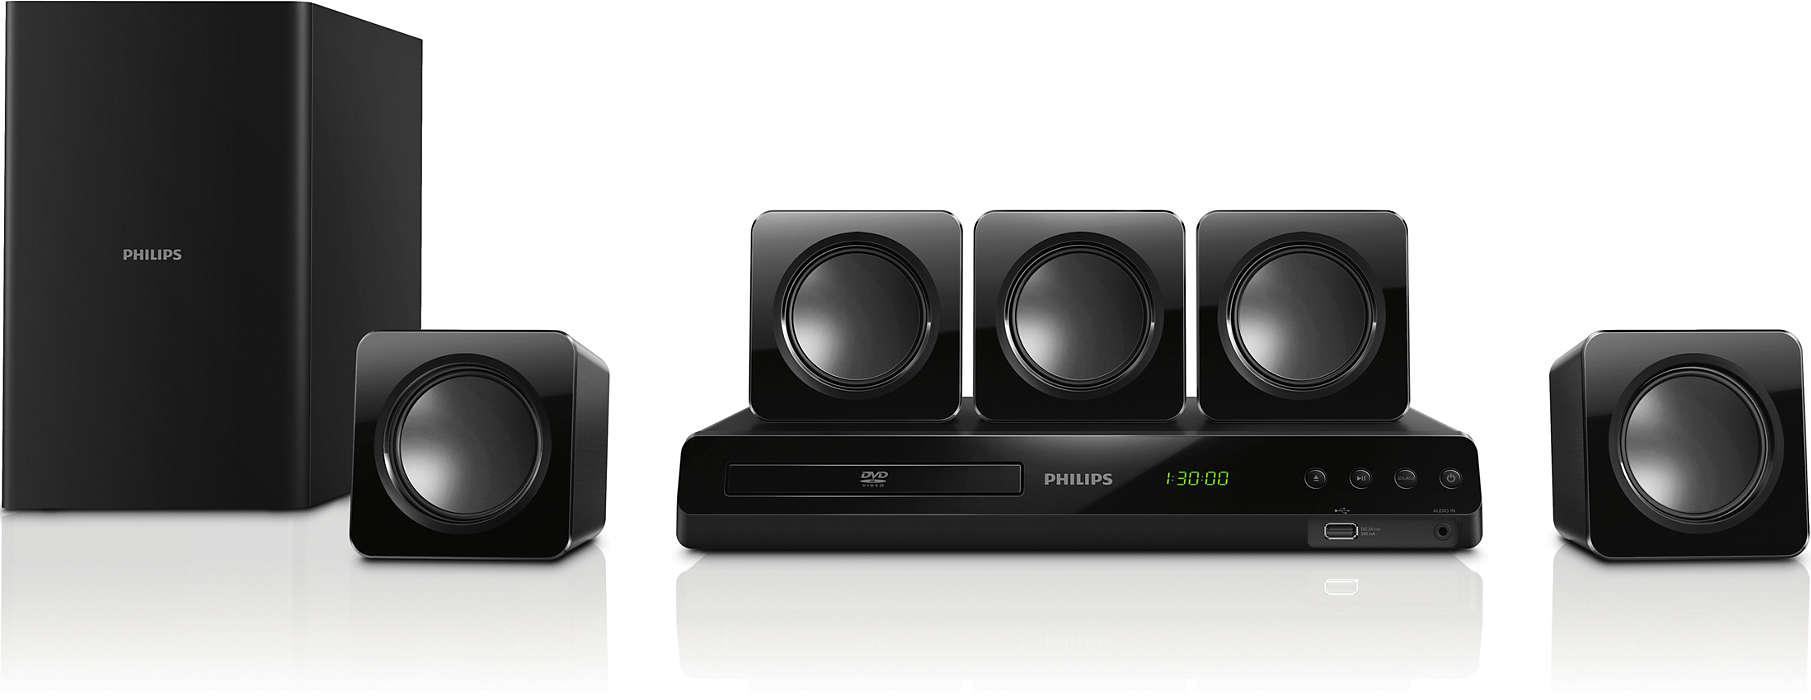 Potente sonido Surround cinematográfico de 300W